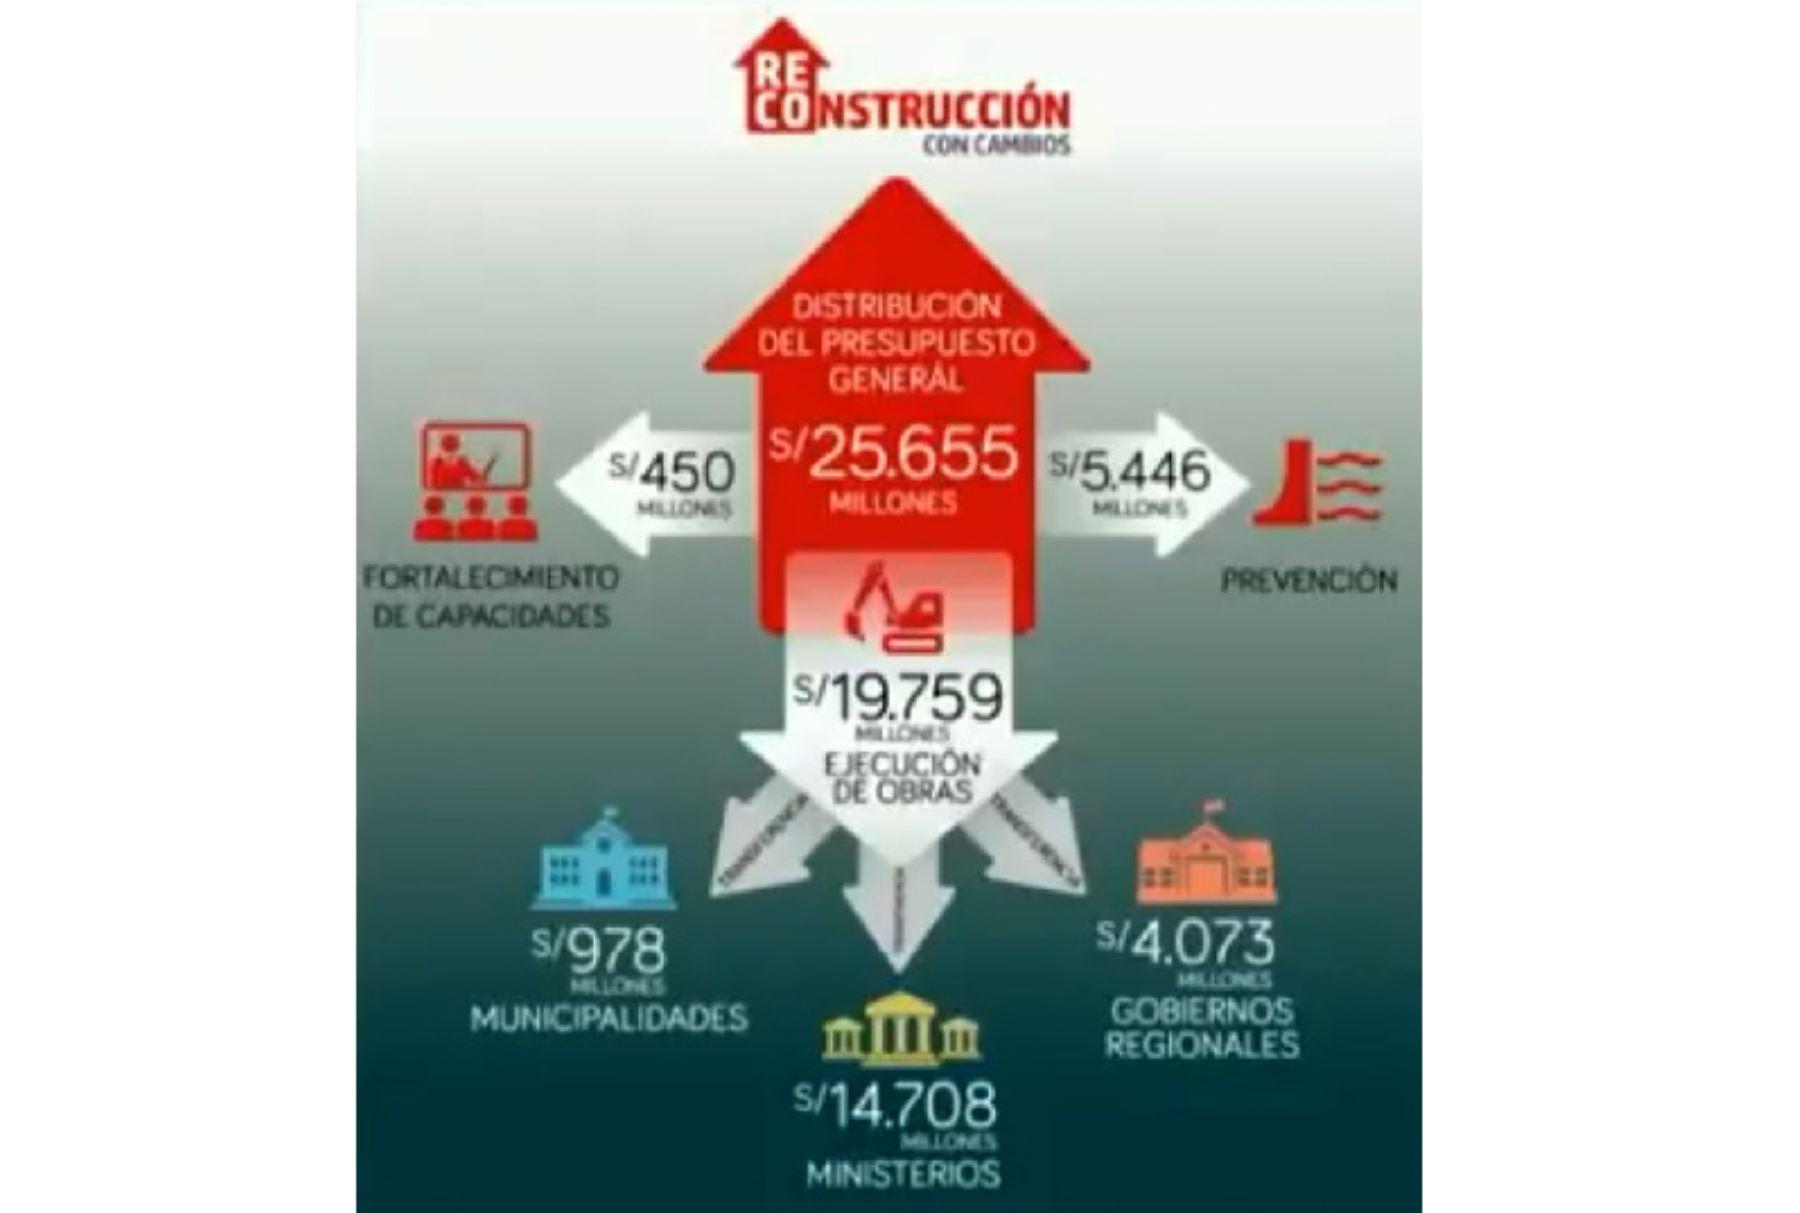 El presupuesto general aprobado en el Plan Integral de Reconstrucción con Cambios asciende a 25,655 millones de soles, de los cuales 19,759 millones se destinarán a la ejecución de obras en las regiones afectadas por las intensas lluvias, desbordes e inundaciones que trajo consigo El Niño Costero.